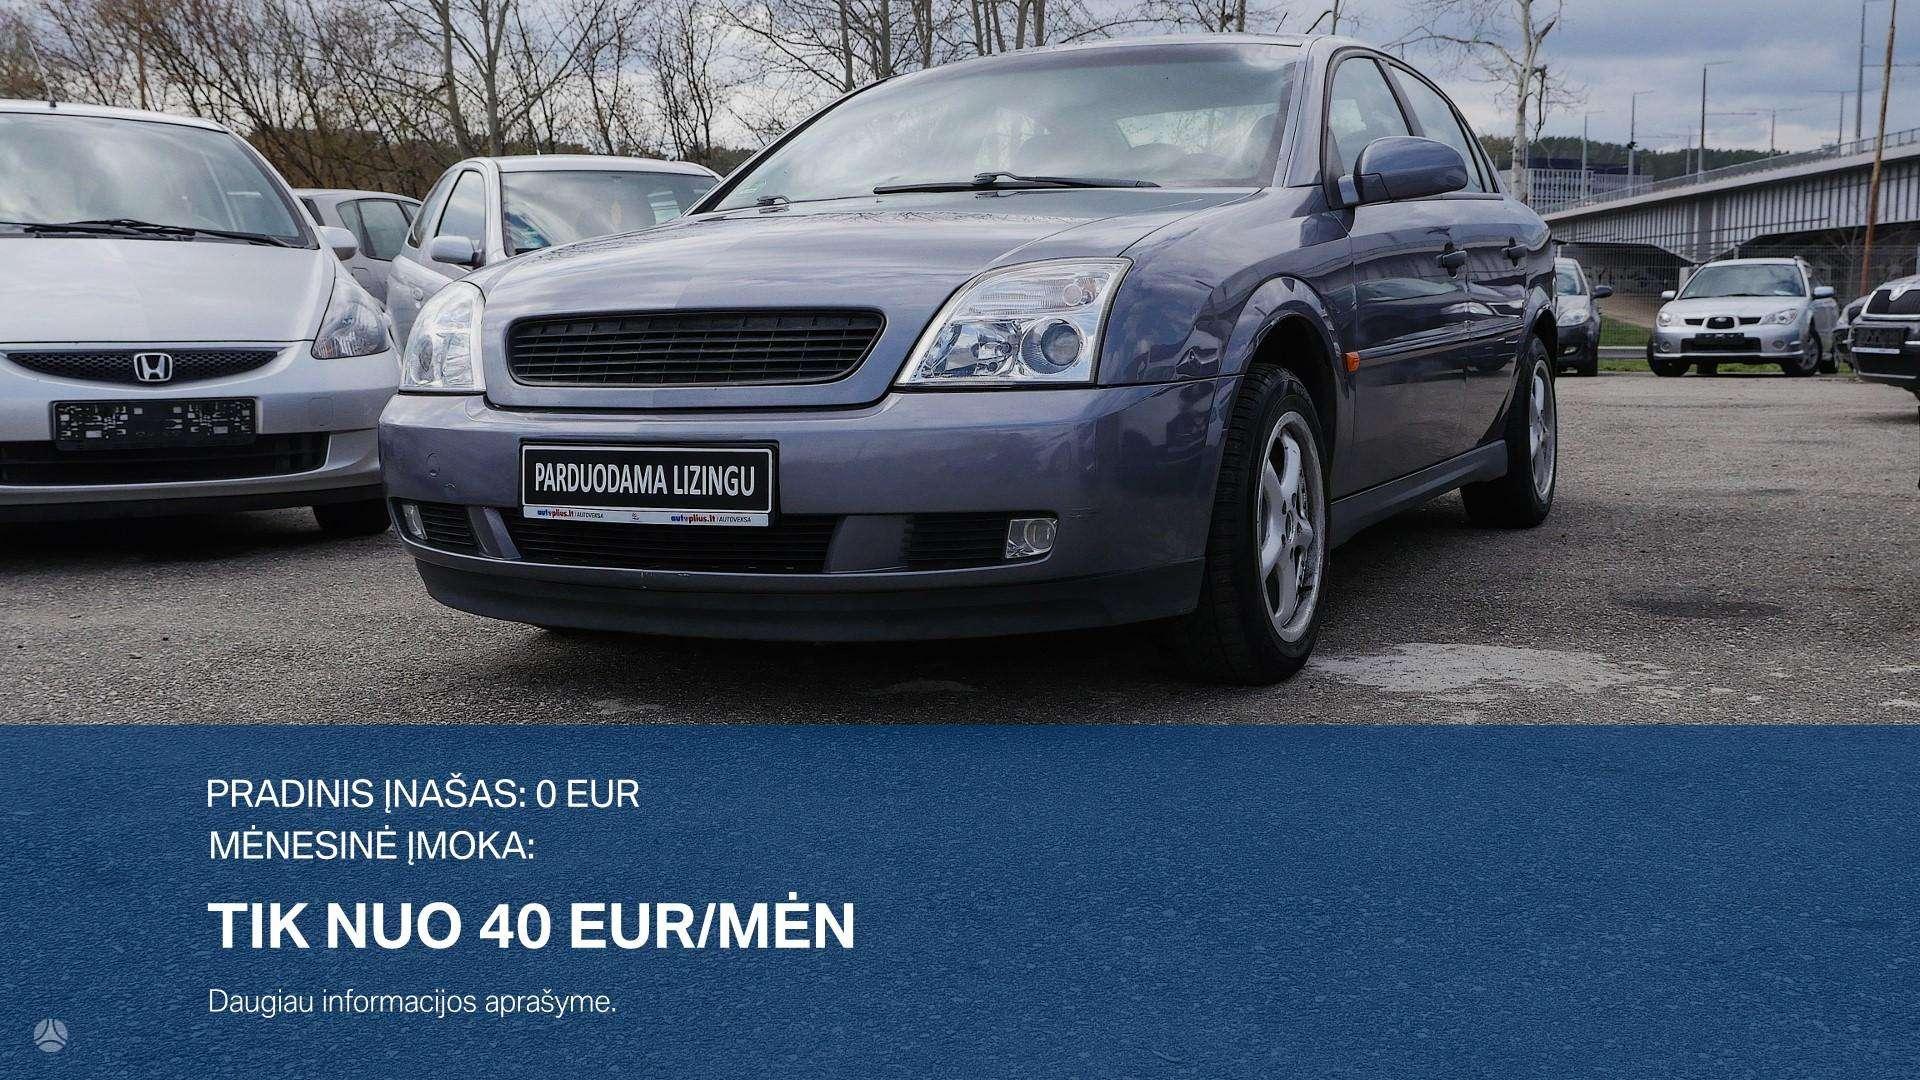 Opel Vectra išsimokėtinai nuo 40Eur/Mėn su 3 mėnesių garantija